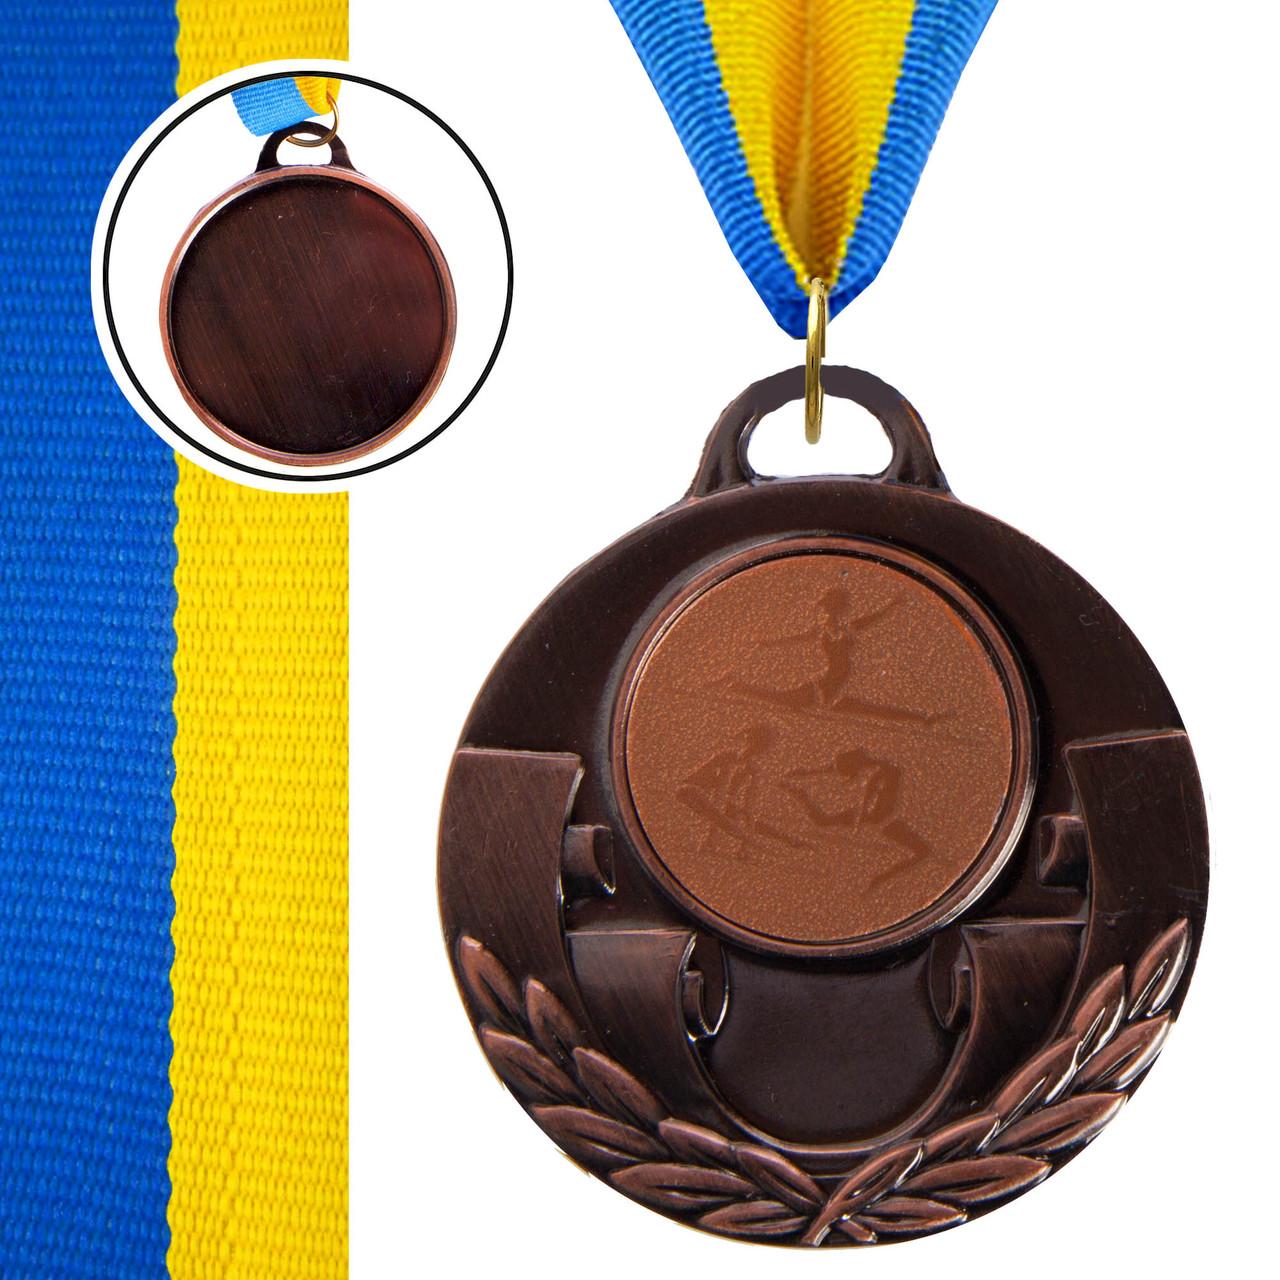 Медаль спортивная с лентой AIM d-5см Худ. гимнастика (металл, 25g, 1-золото, 2-серебро, 3-бронза) Бронзовый PZ-C-4846-0073_1